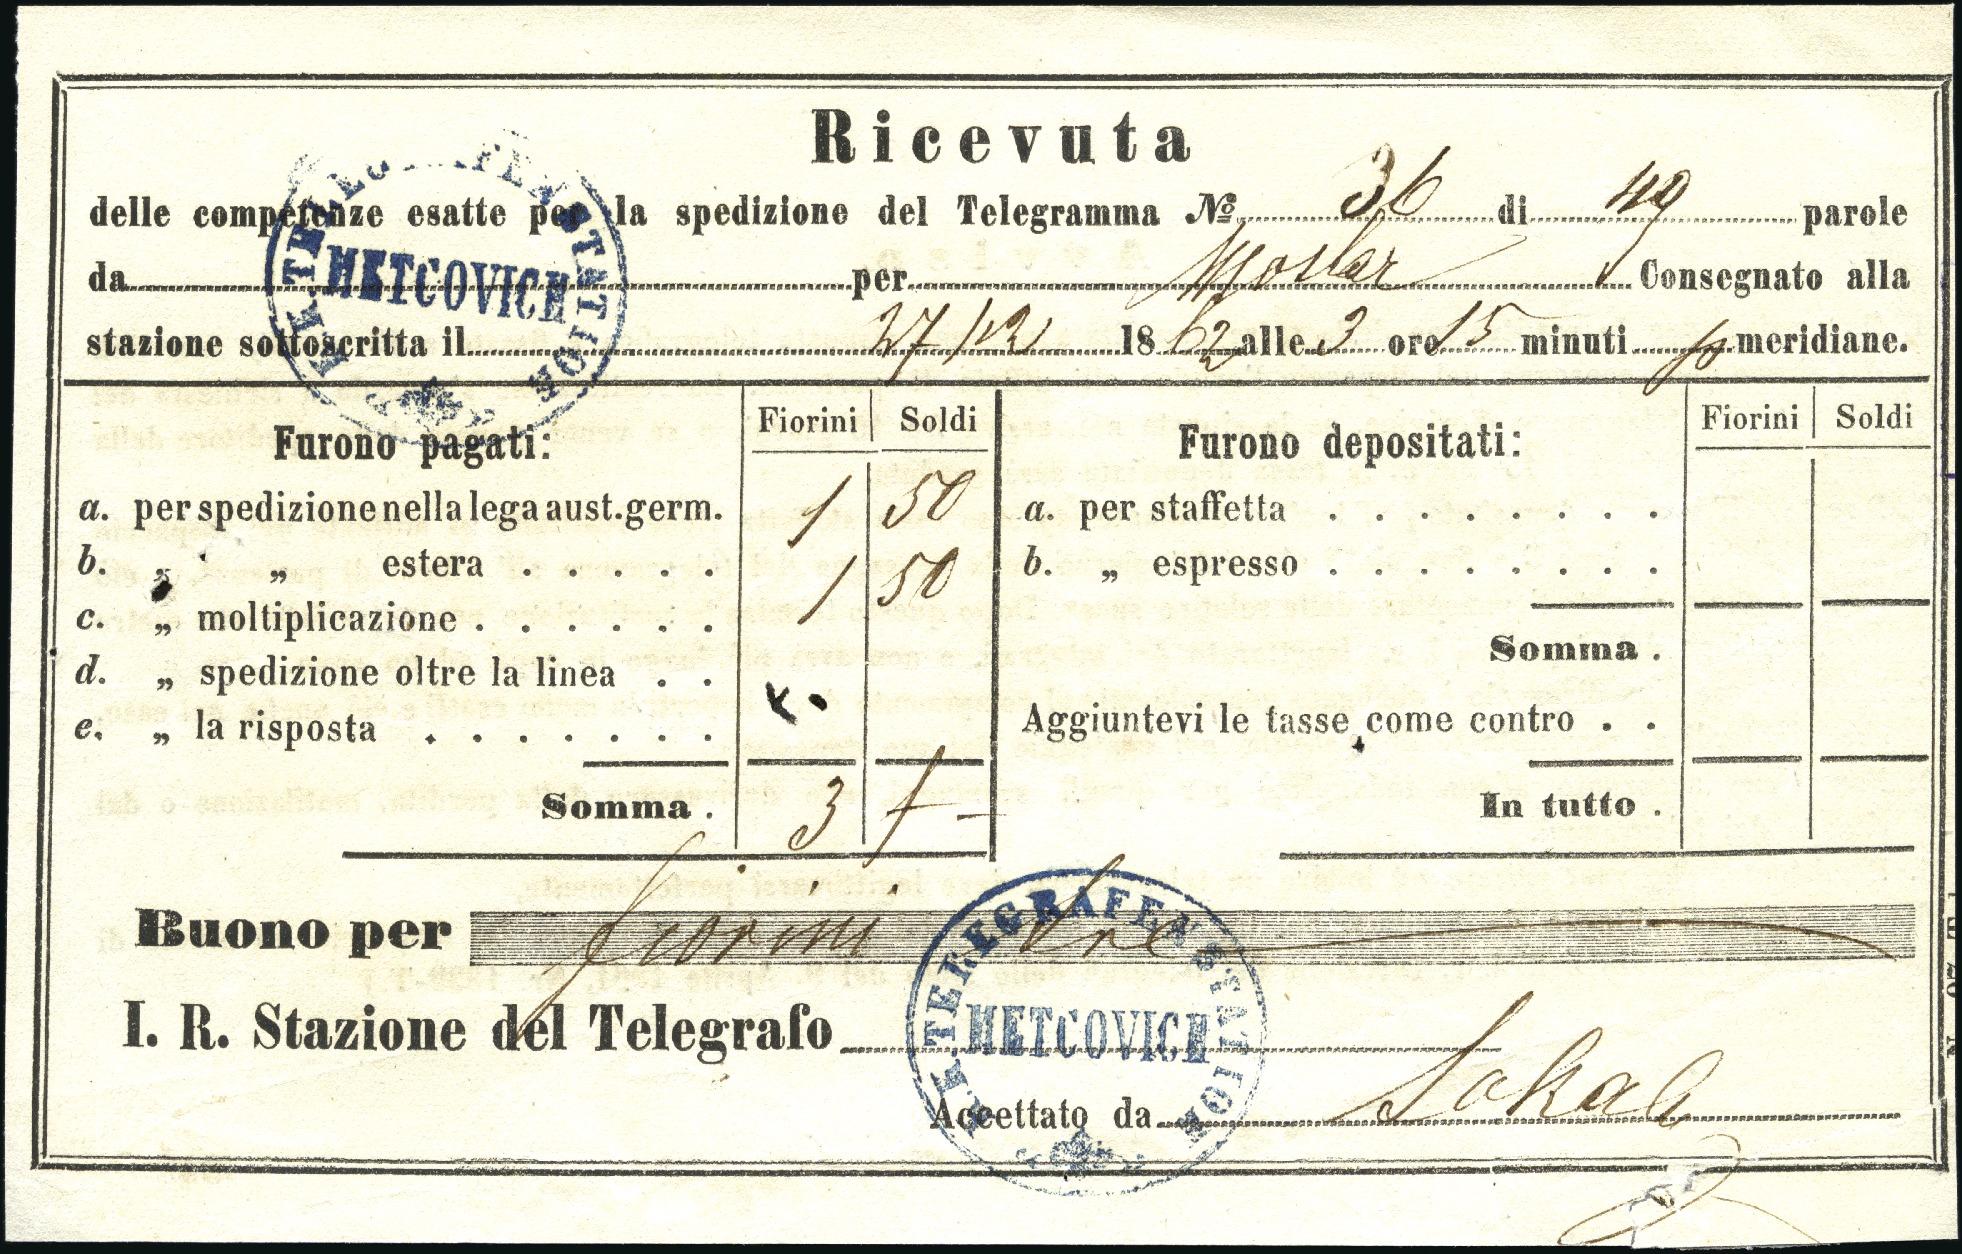 Stamp Auction Croatia Metkovi Metcovich 1862 Dec 27 Telegram